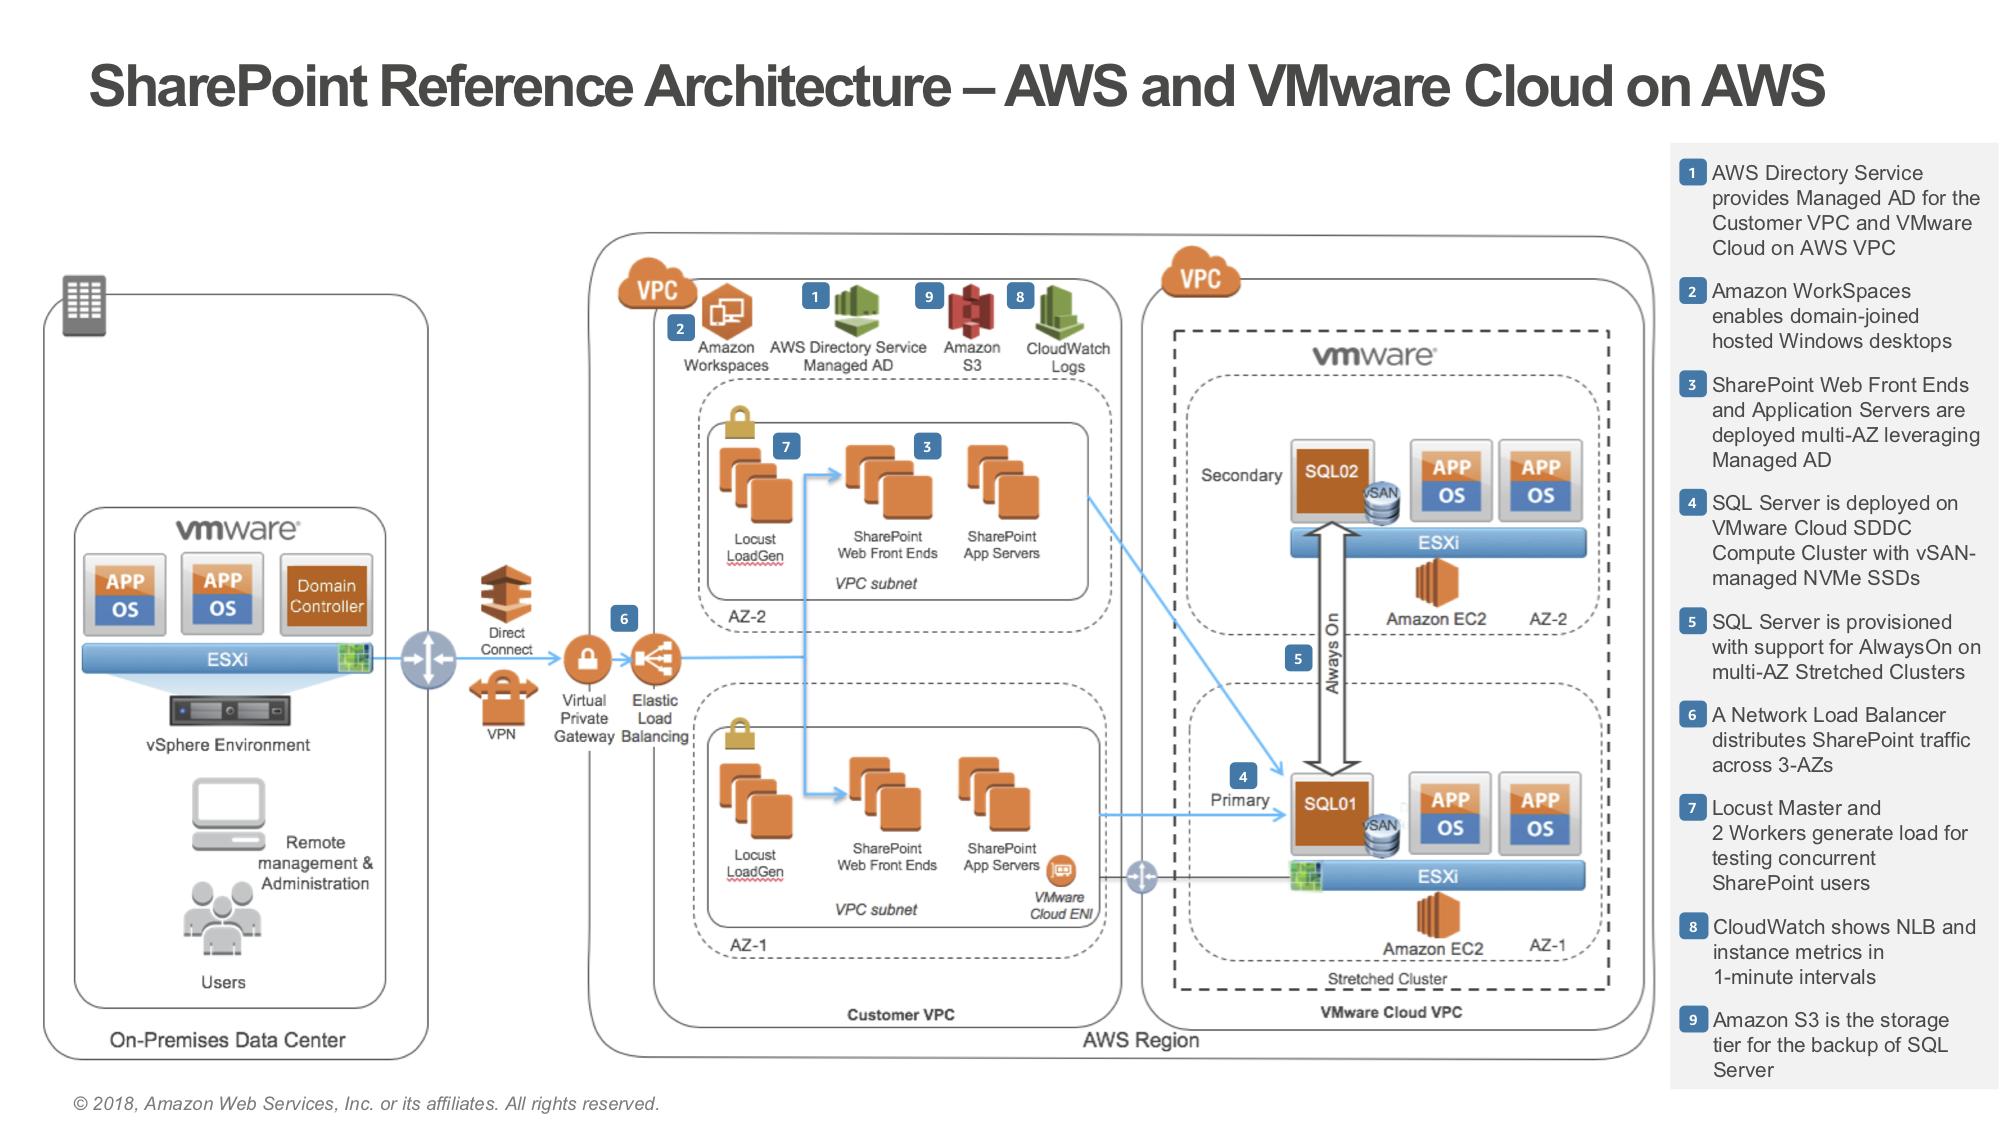 24 Complex Google Cloud Architecture Diagram Samples Bookingritzcarlton Info 24 Complex Google Cloud A Diagram Architecture Data Architecture Architecture